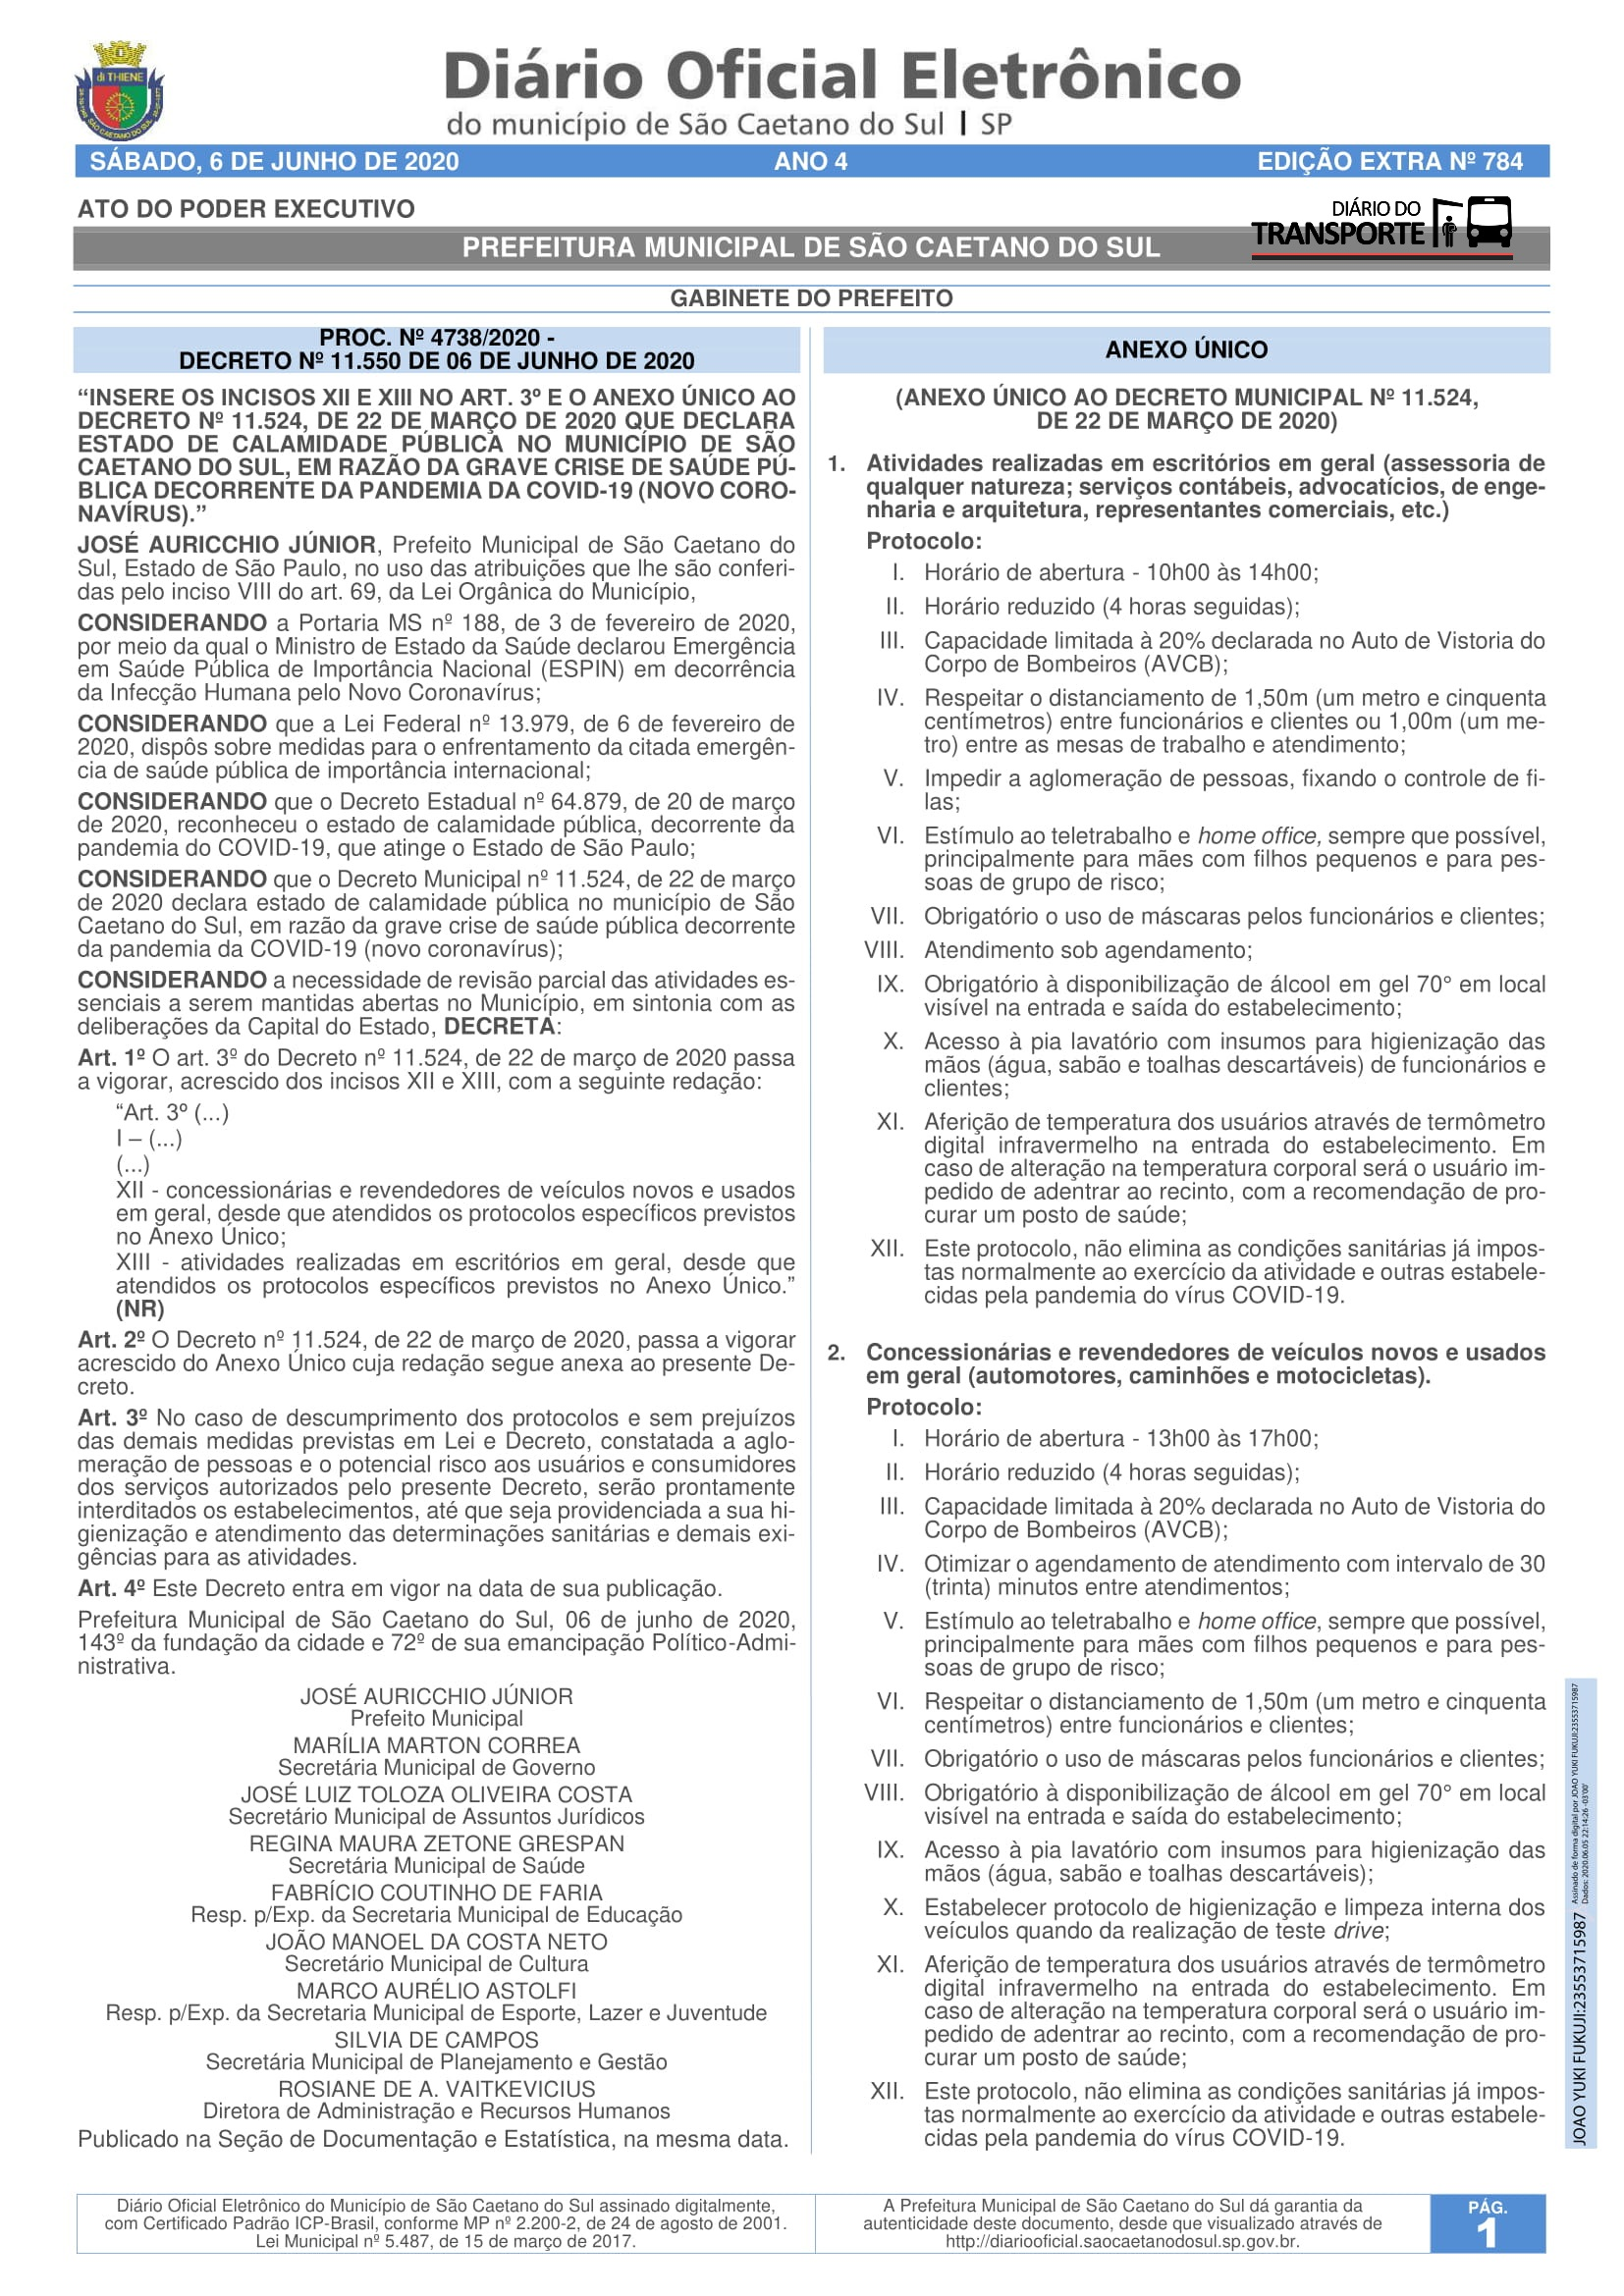 Diario Oficial Eletronico 06062020-1